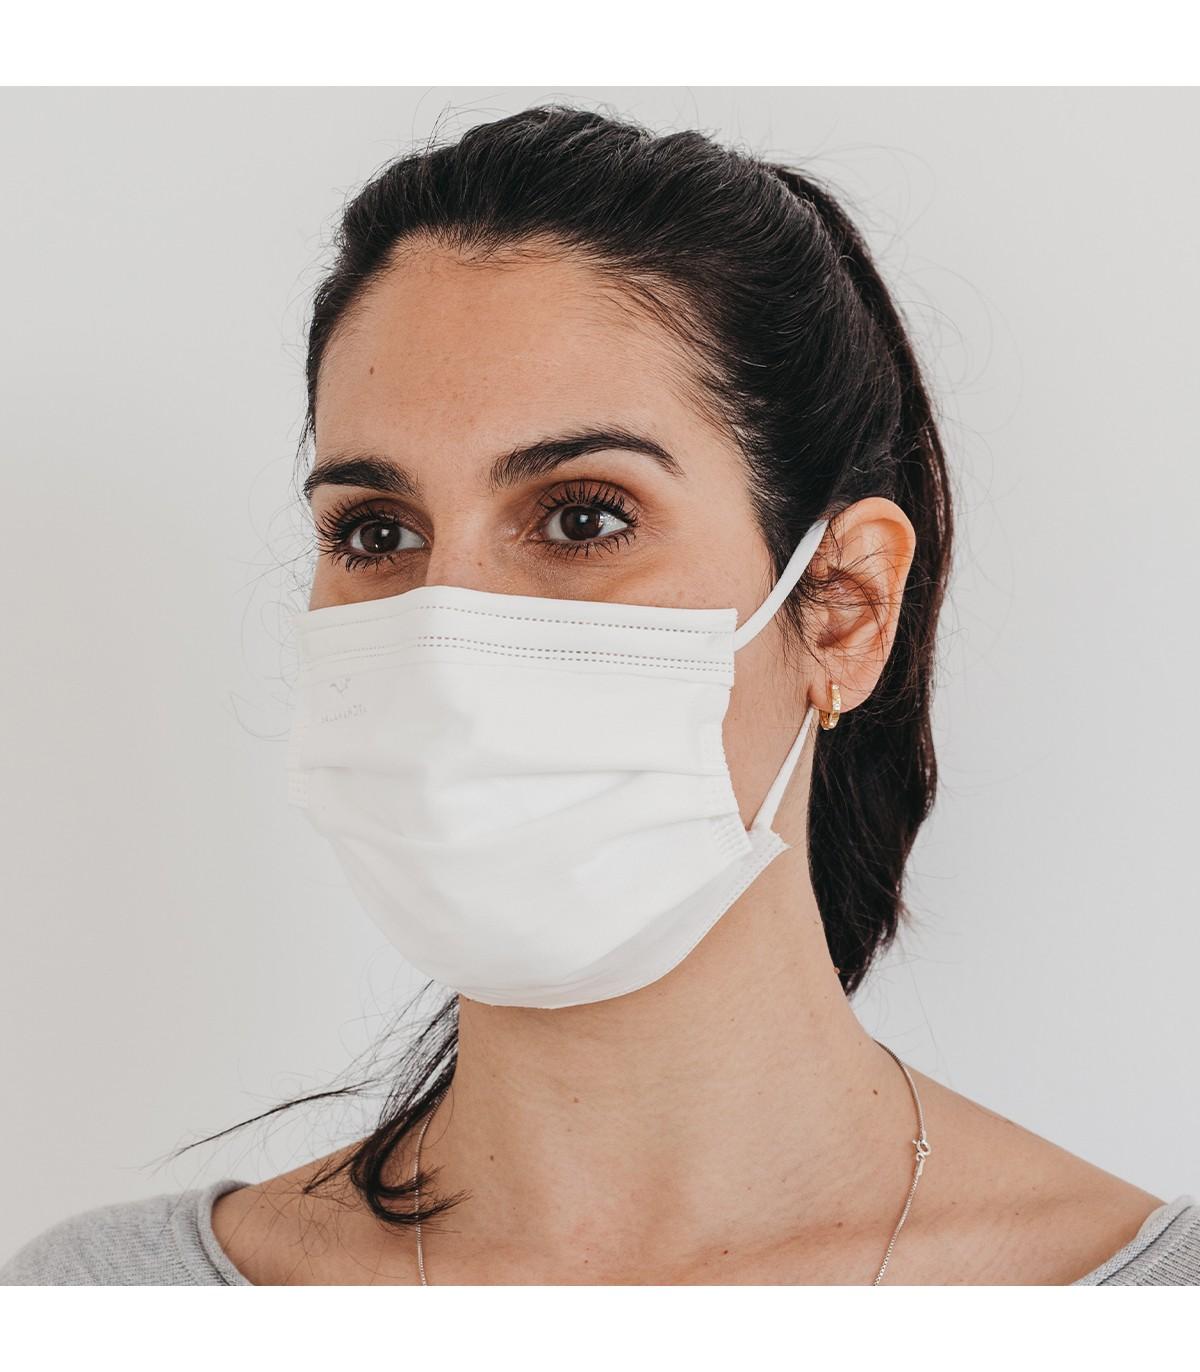 Mascarilla quirúrgica textil reutilizable - blanca